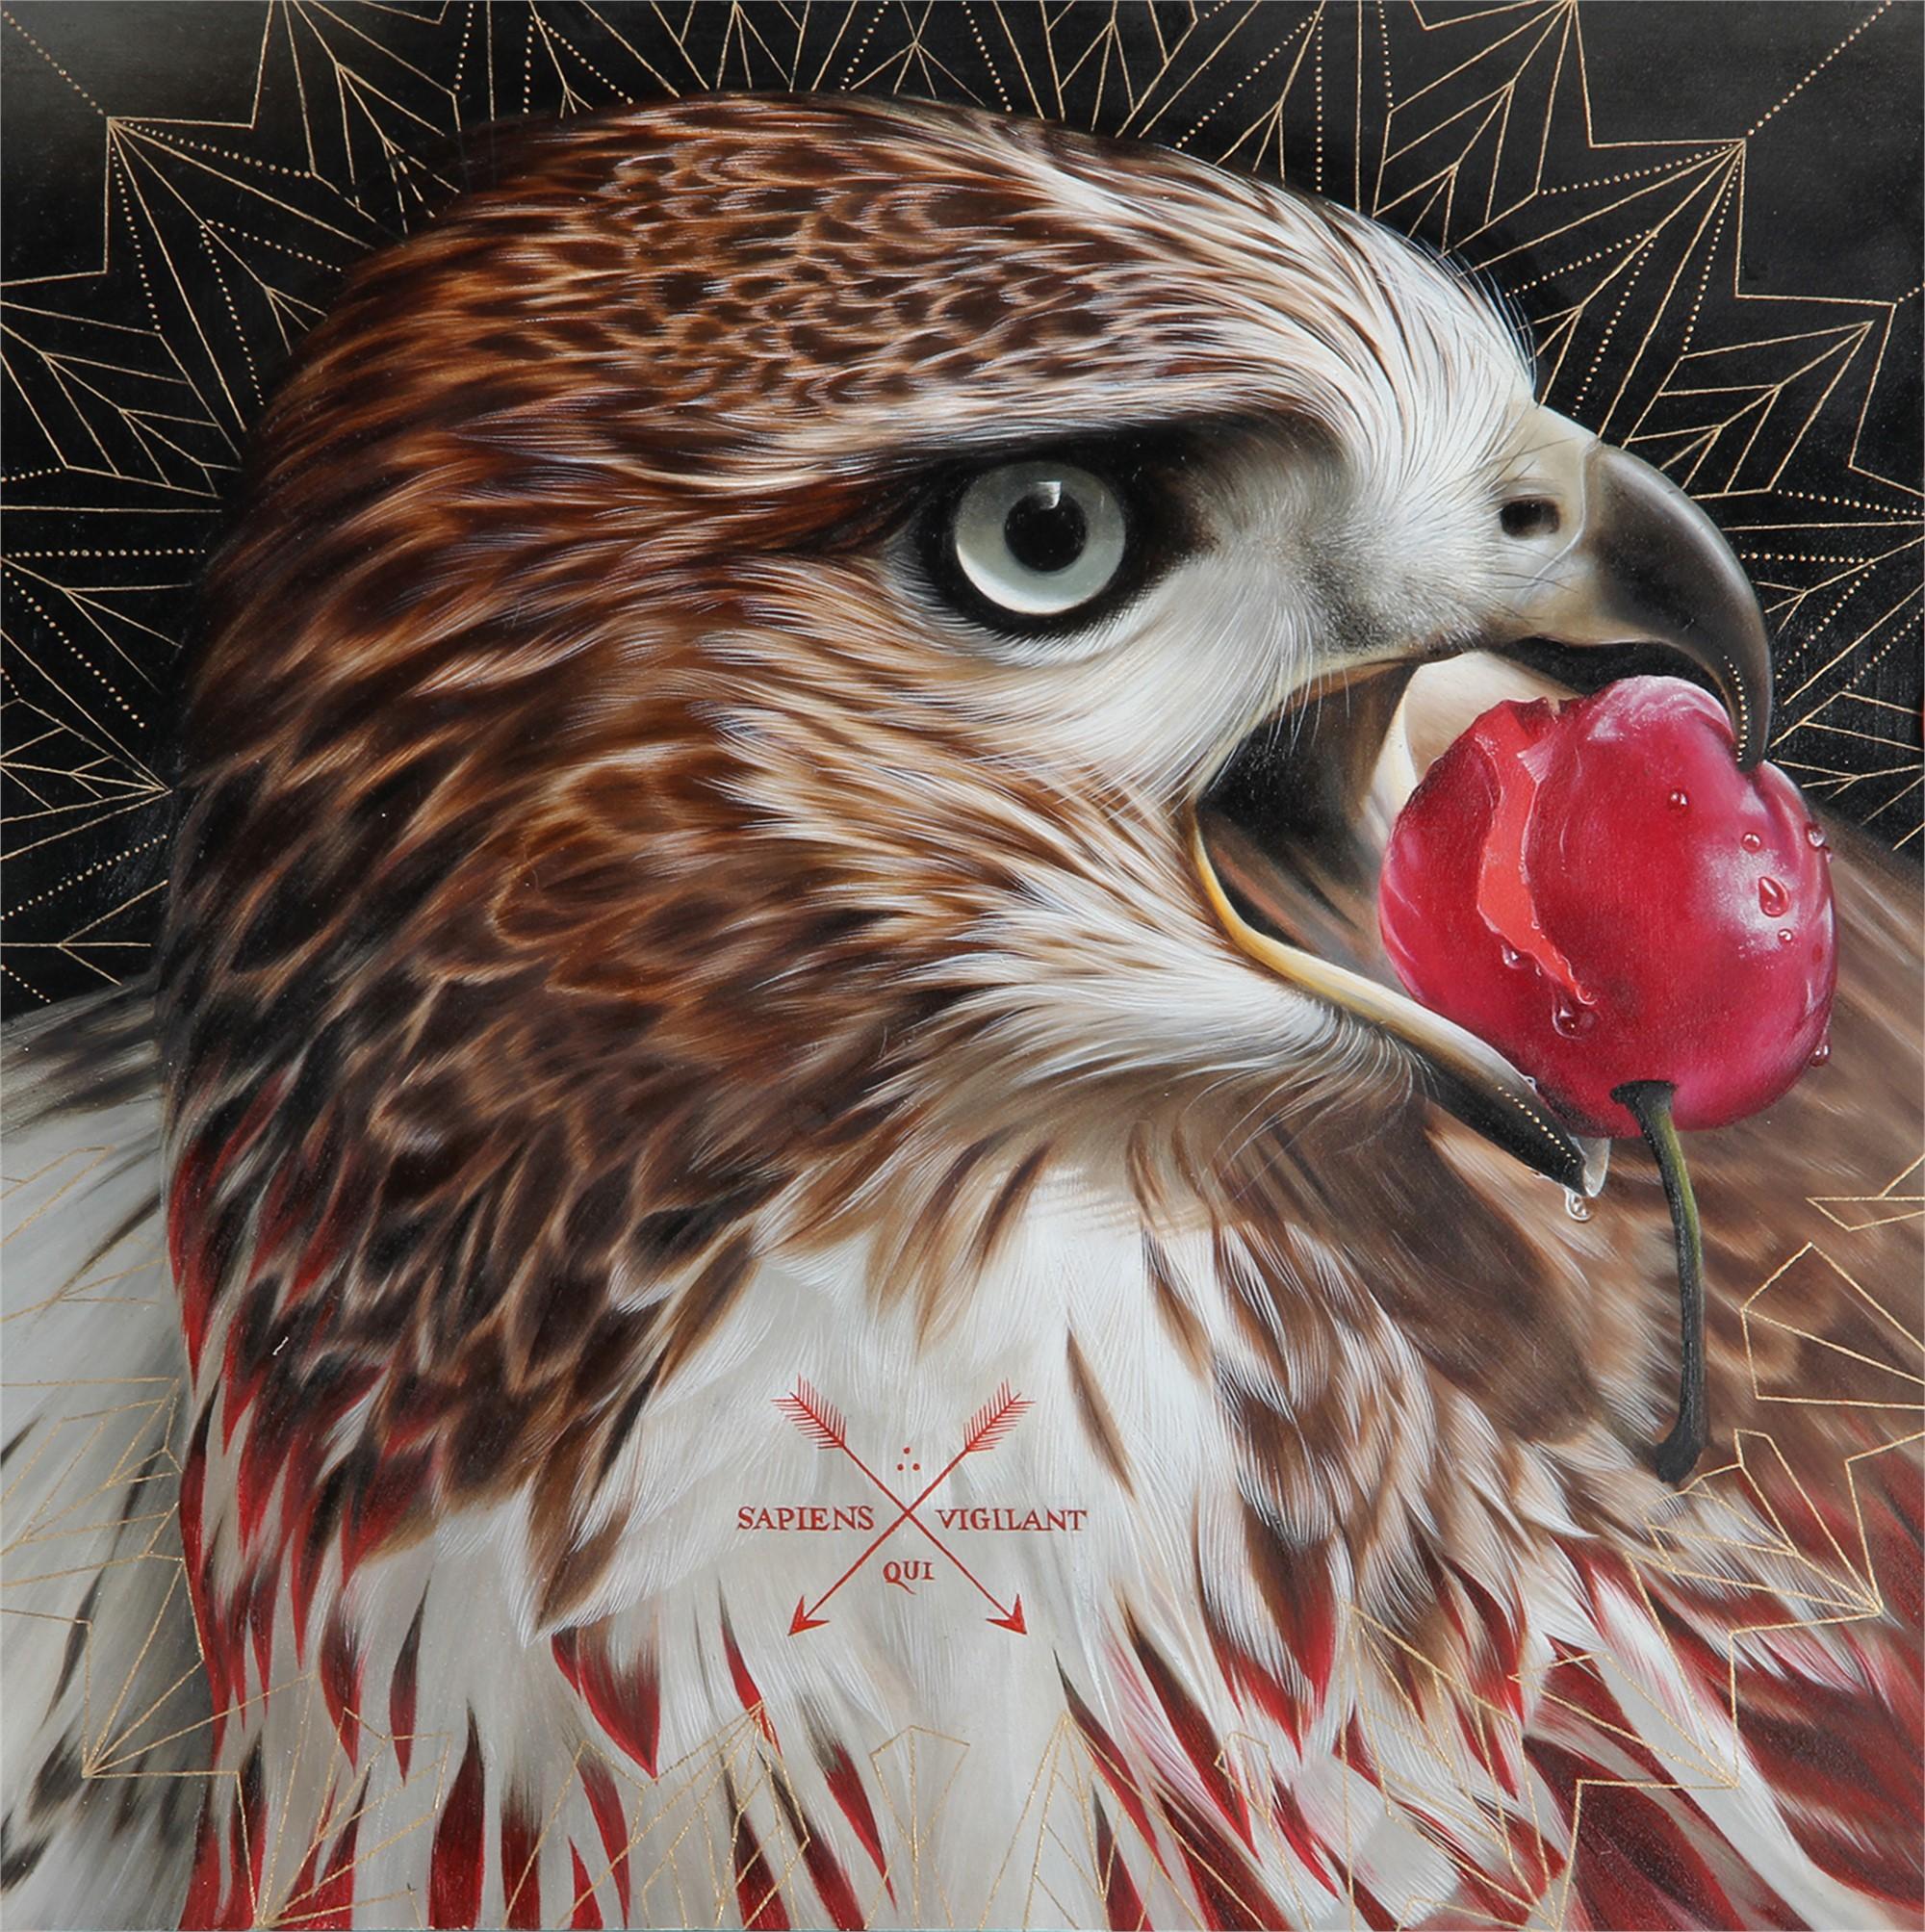 Predator 1 by Josie Morway